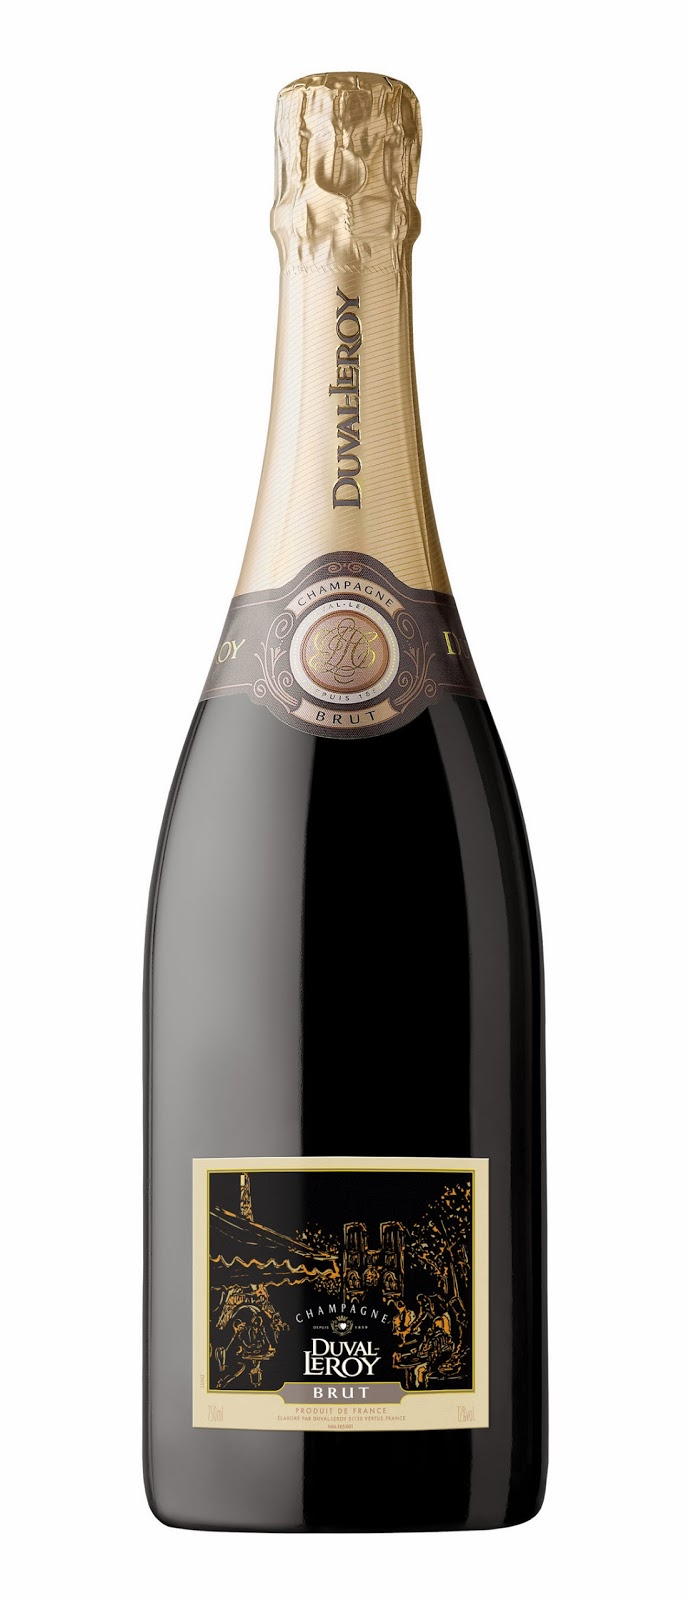 club des d gustateurs de grands vins les d licieux champagnes de la maison duval leroy. Black Bedroom Furniture Sets. Home Design Ideas